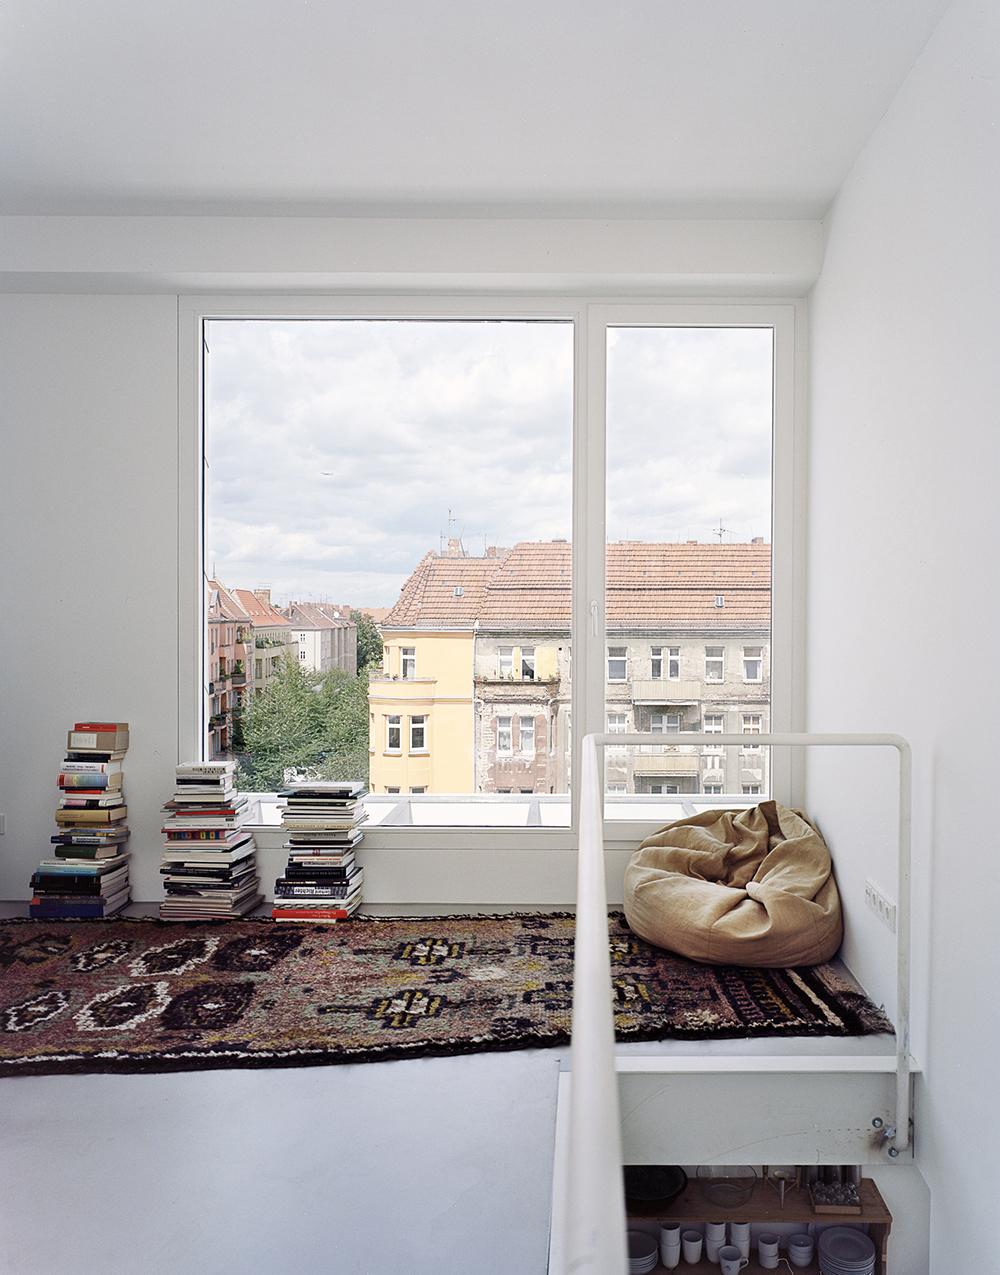 Co-Housing Zelterstrasse 5 by zanderroth architekten